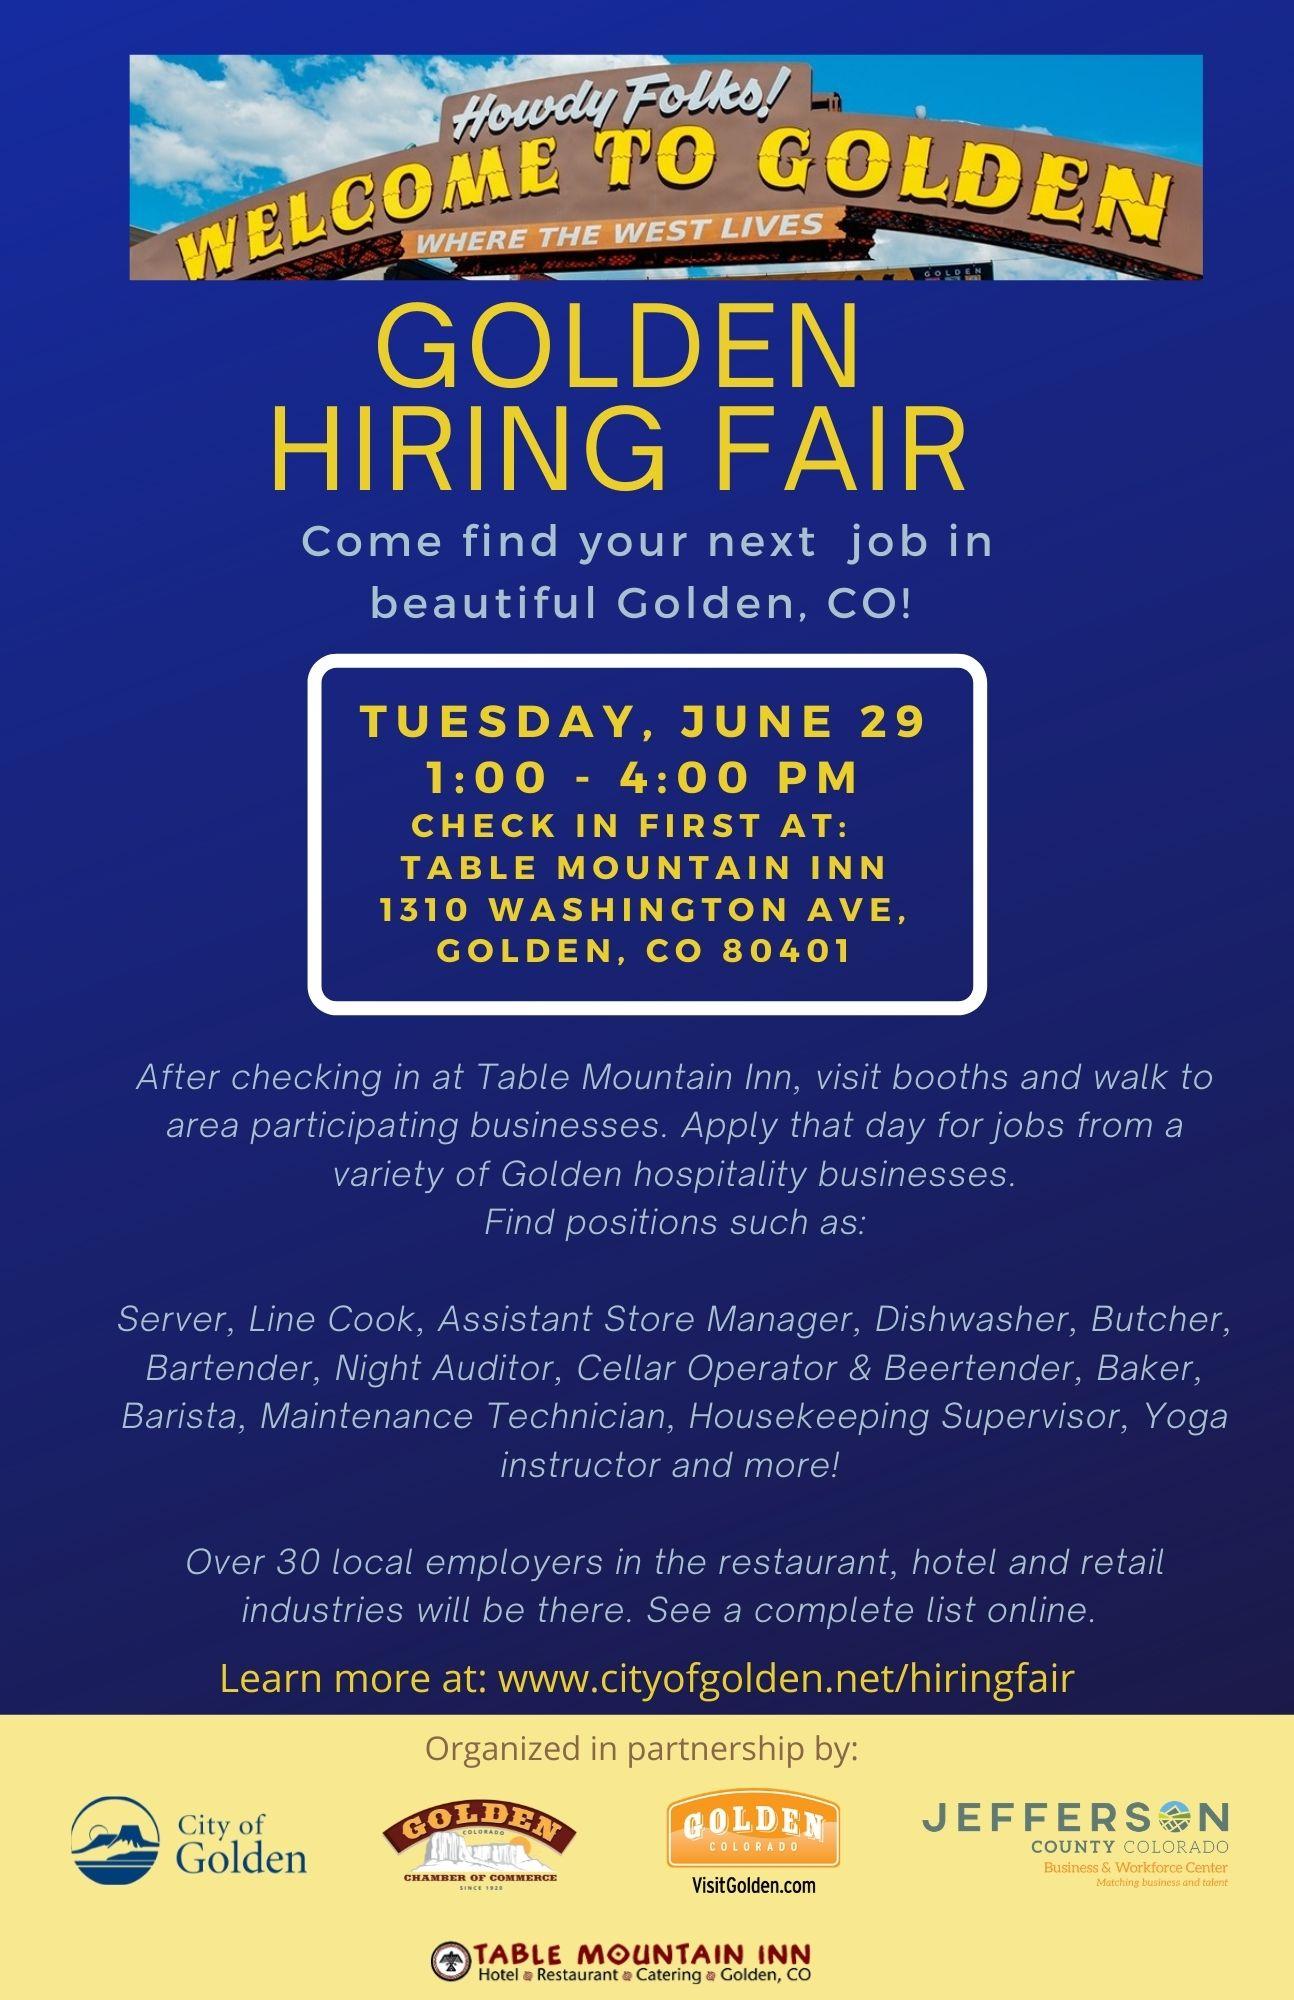 Golden Hiring Fair Flyer